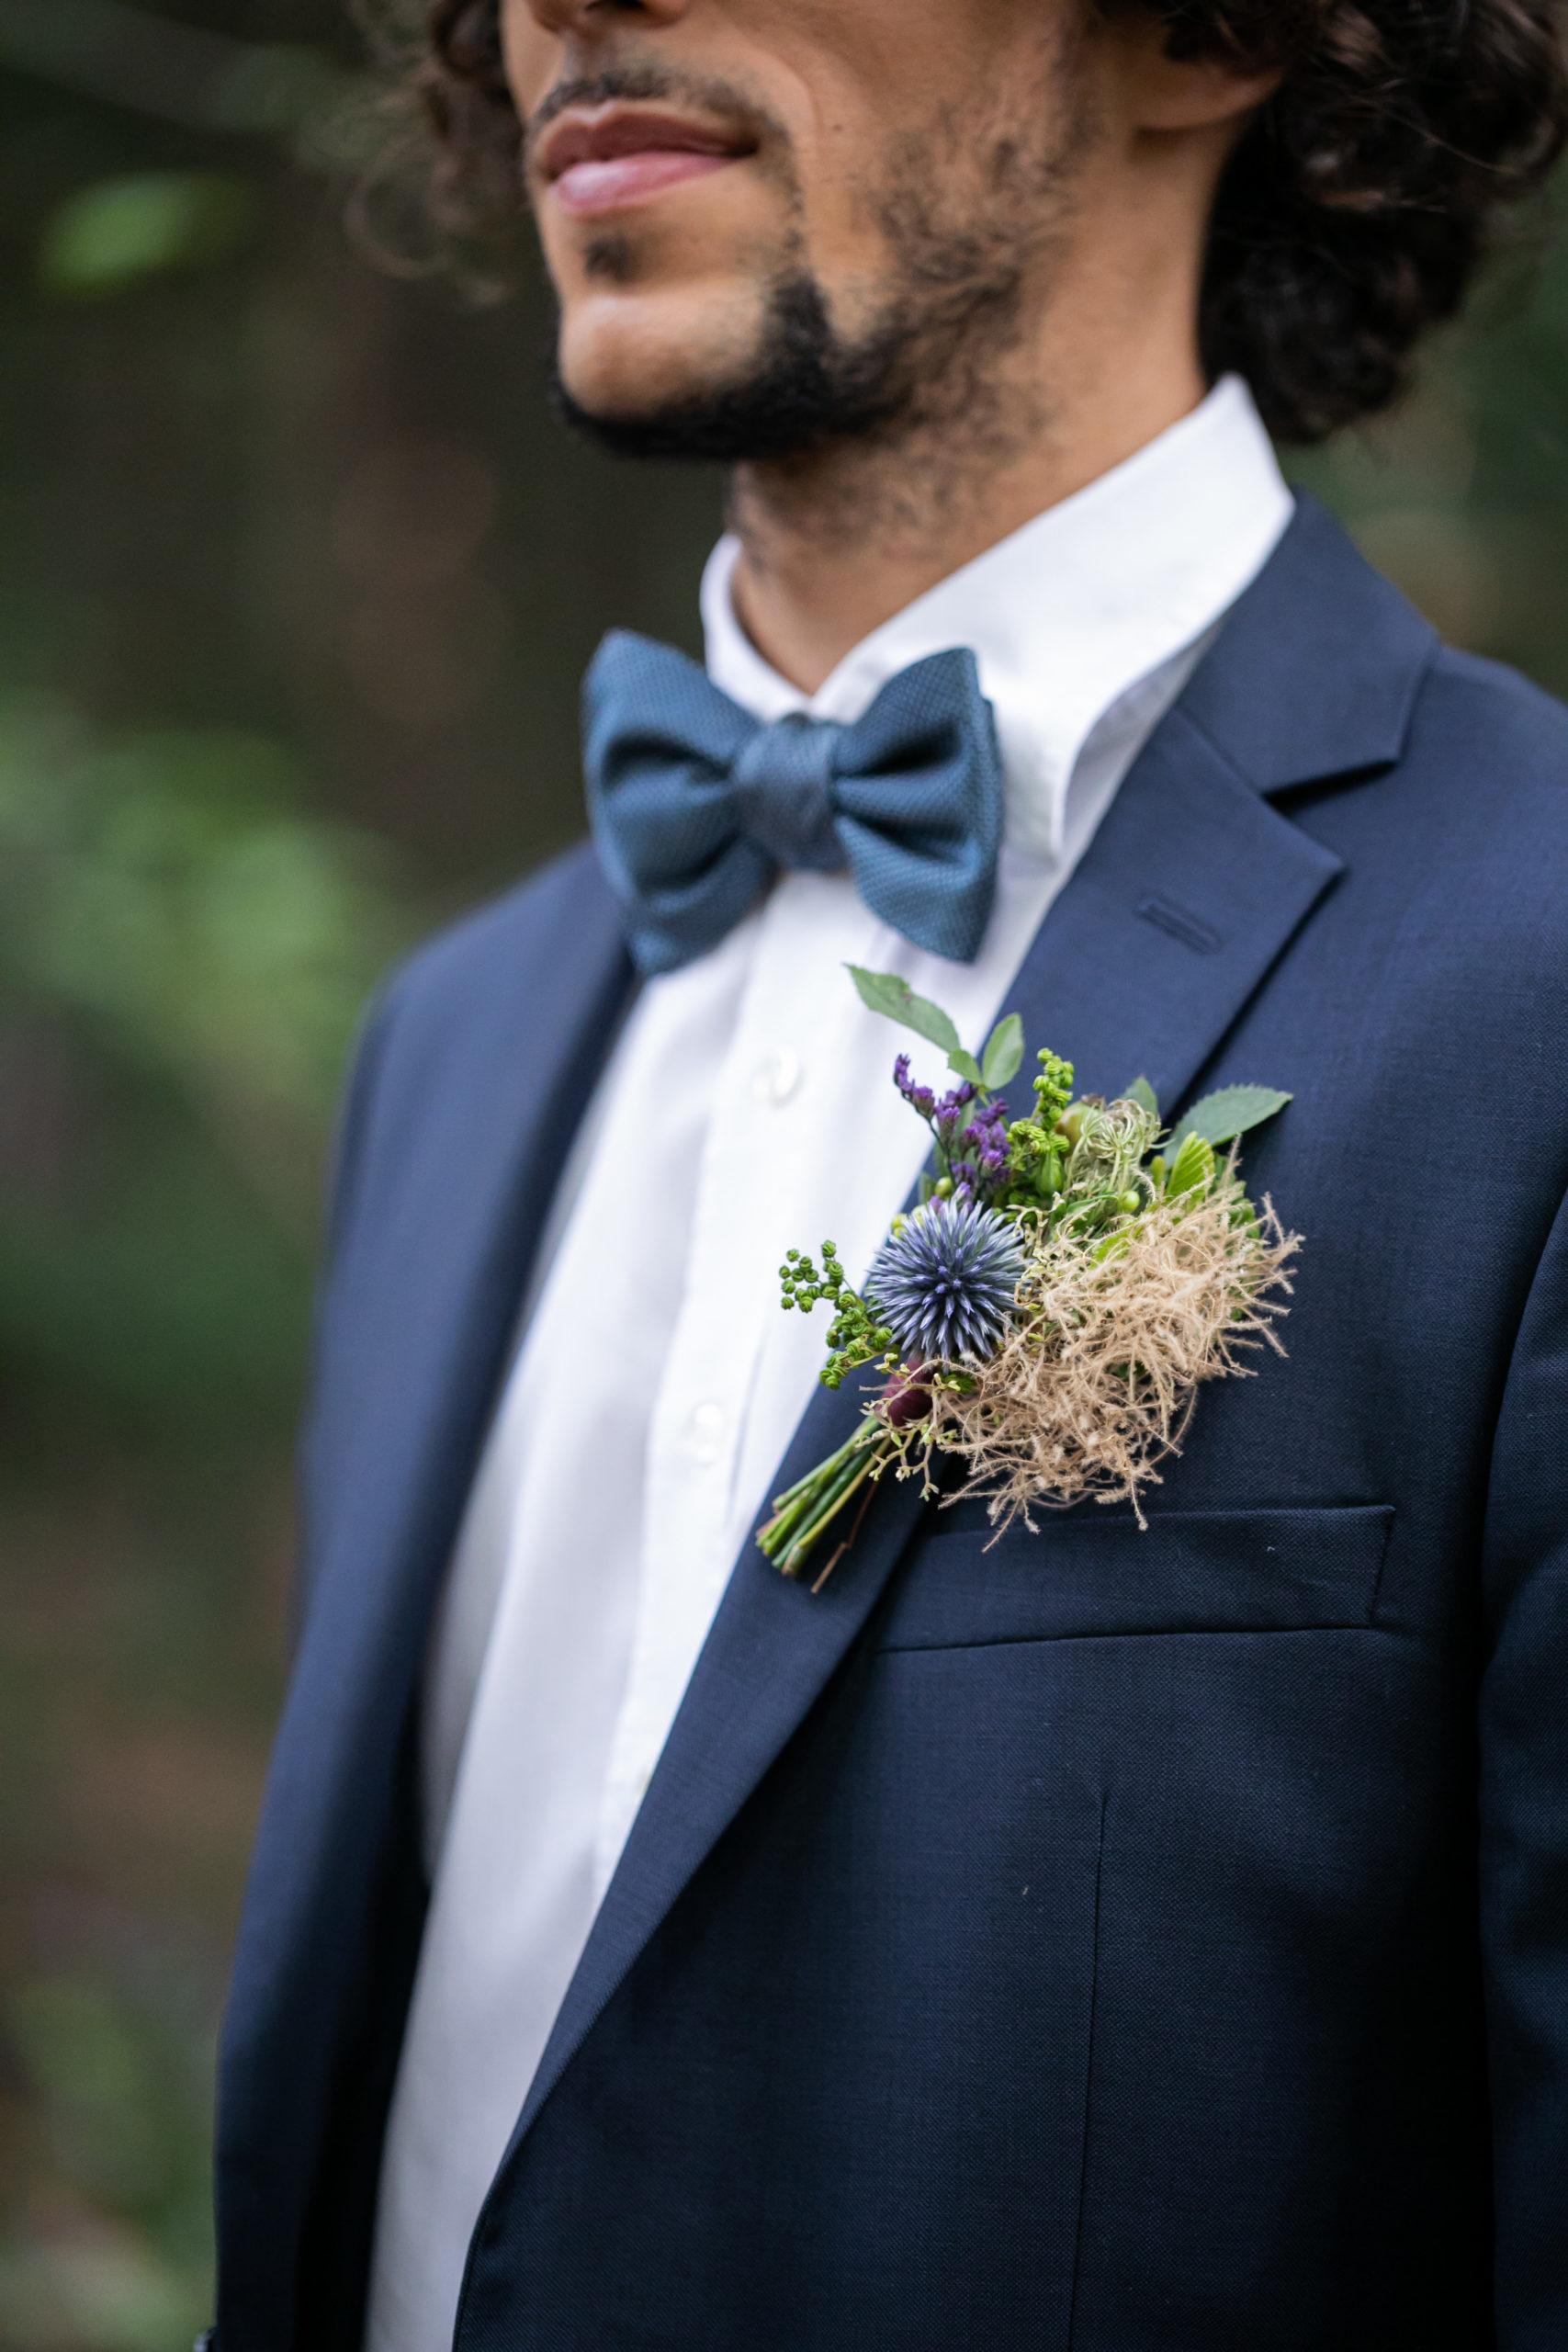 Magnifique mariée souriante robe blanche - DREAM IT : Wedding designer pour mariage ethnique